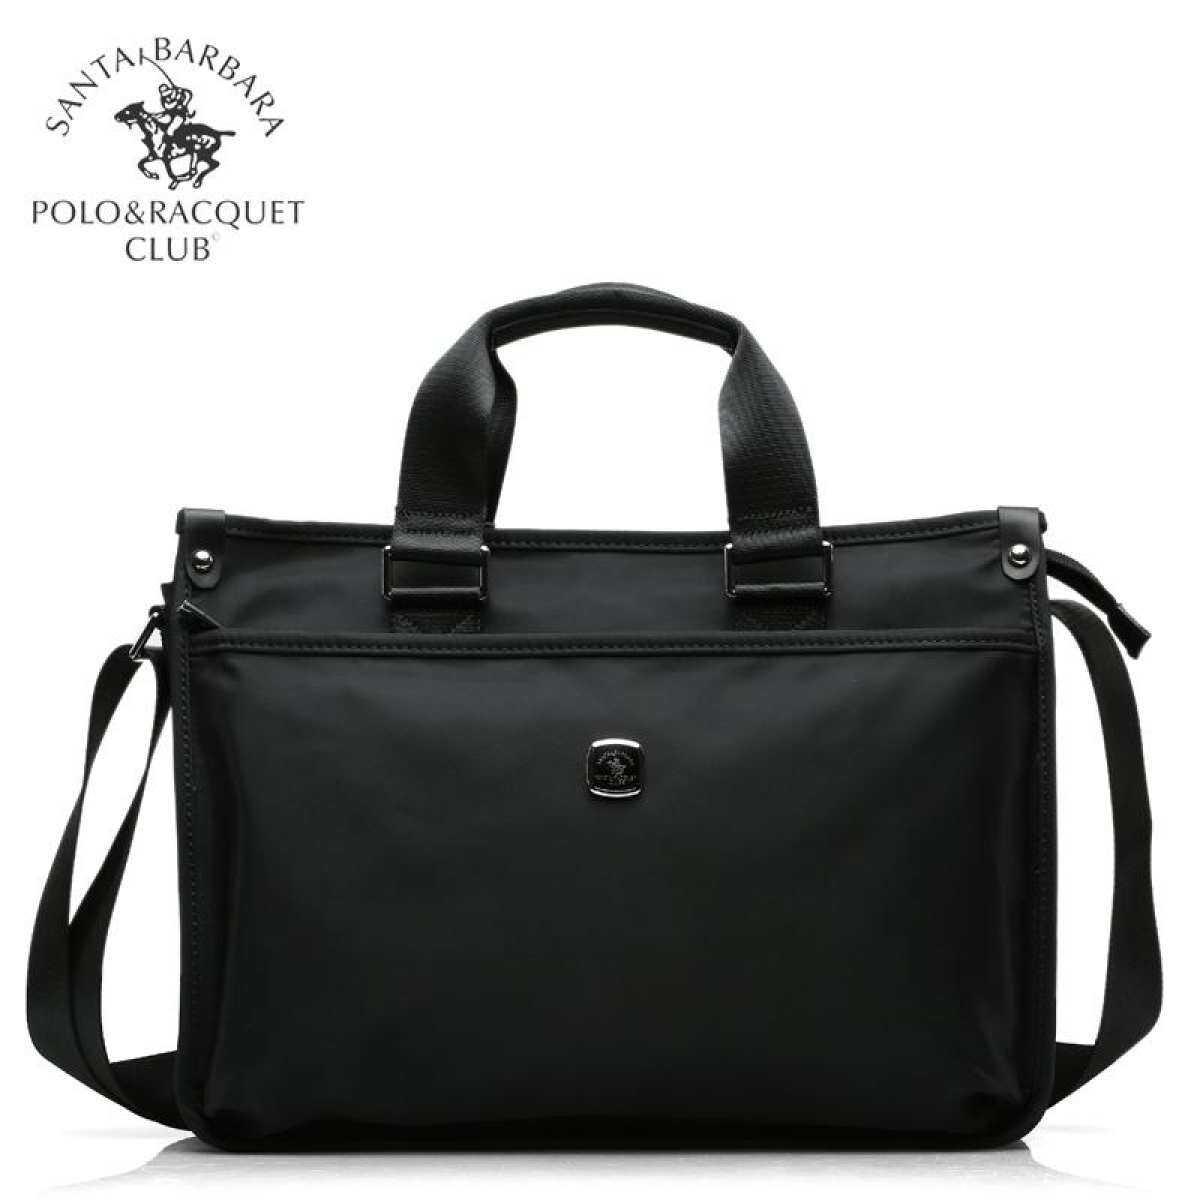 Santa barbara POLO RACQUET CLUB casual bag bag shoulder men Oxford s aa19adcbc110f